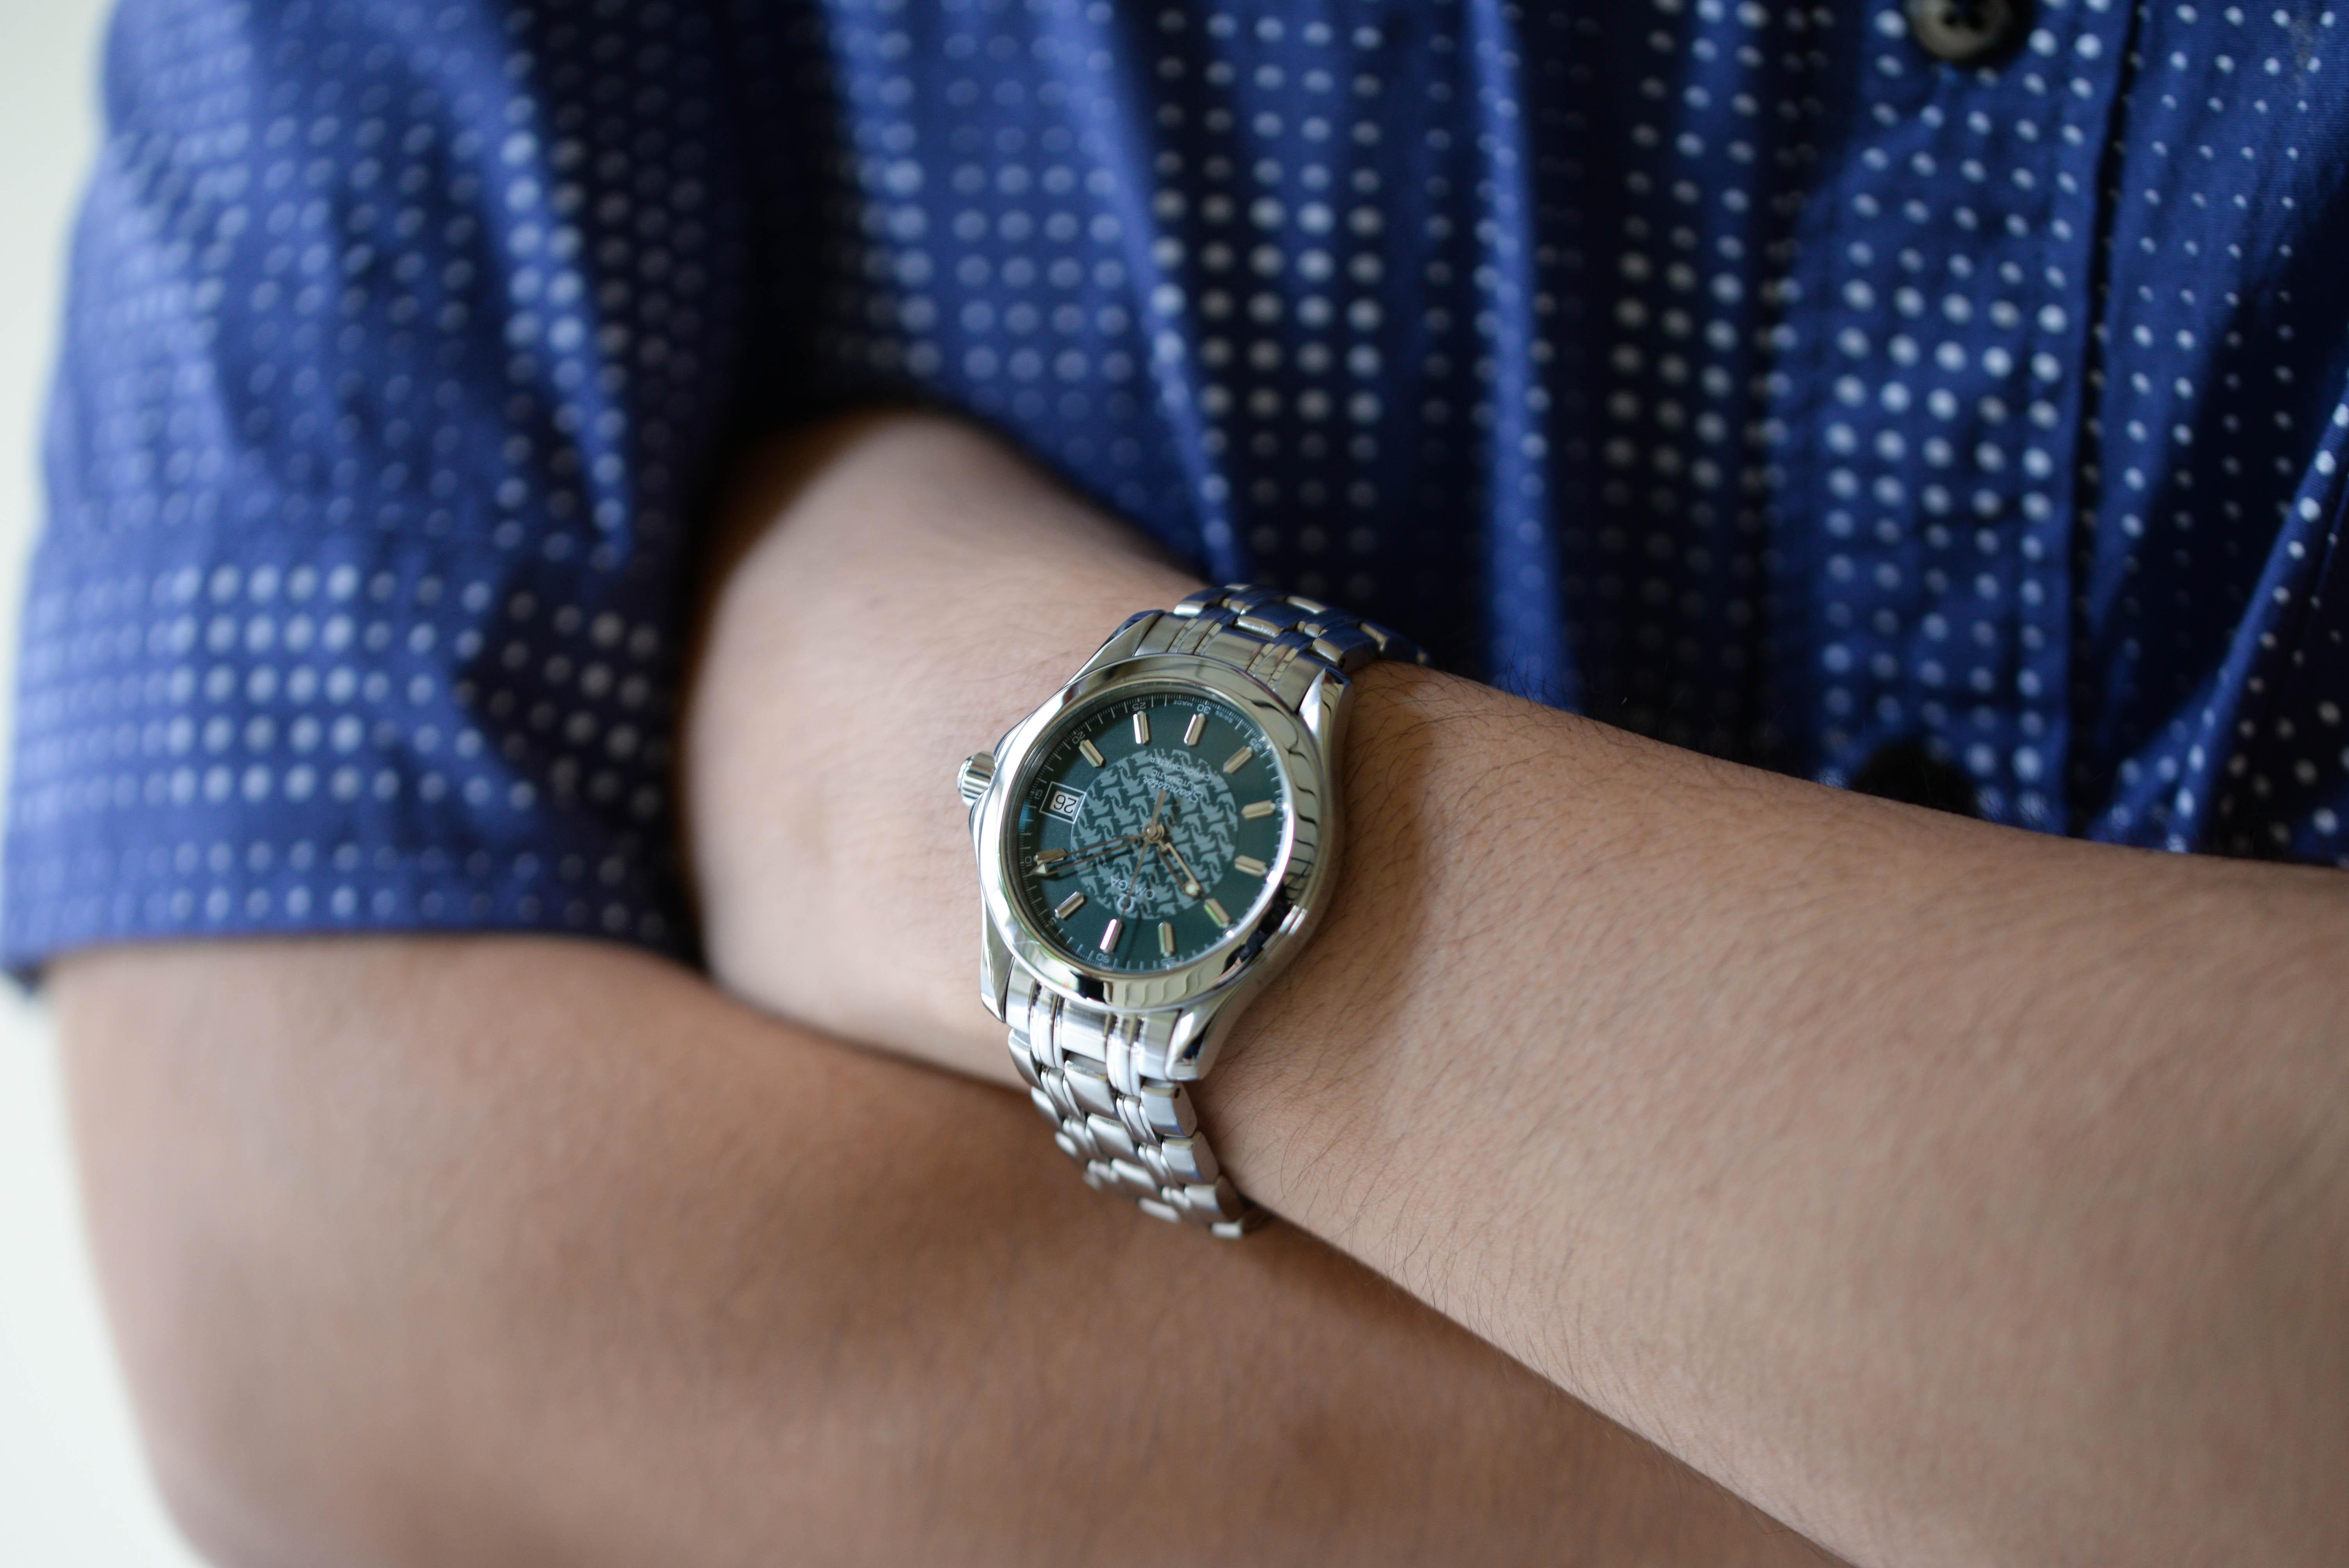 松井さんの腕時計はオメガ ジャックマイヨール Ref.2506.70